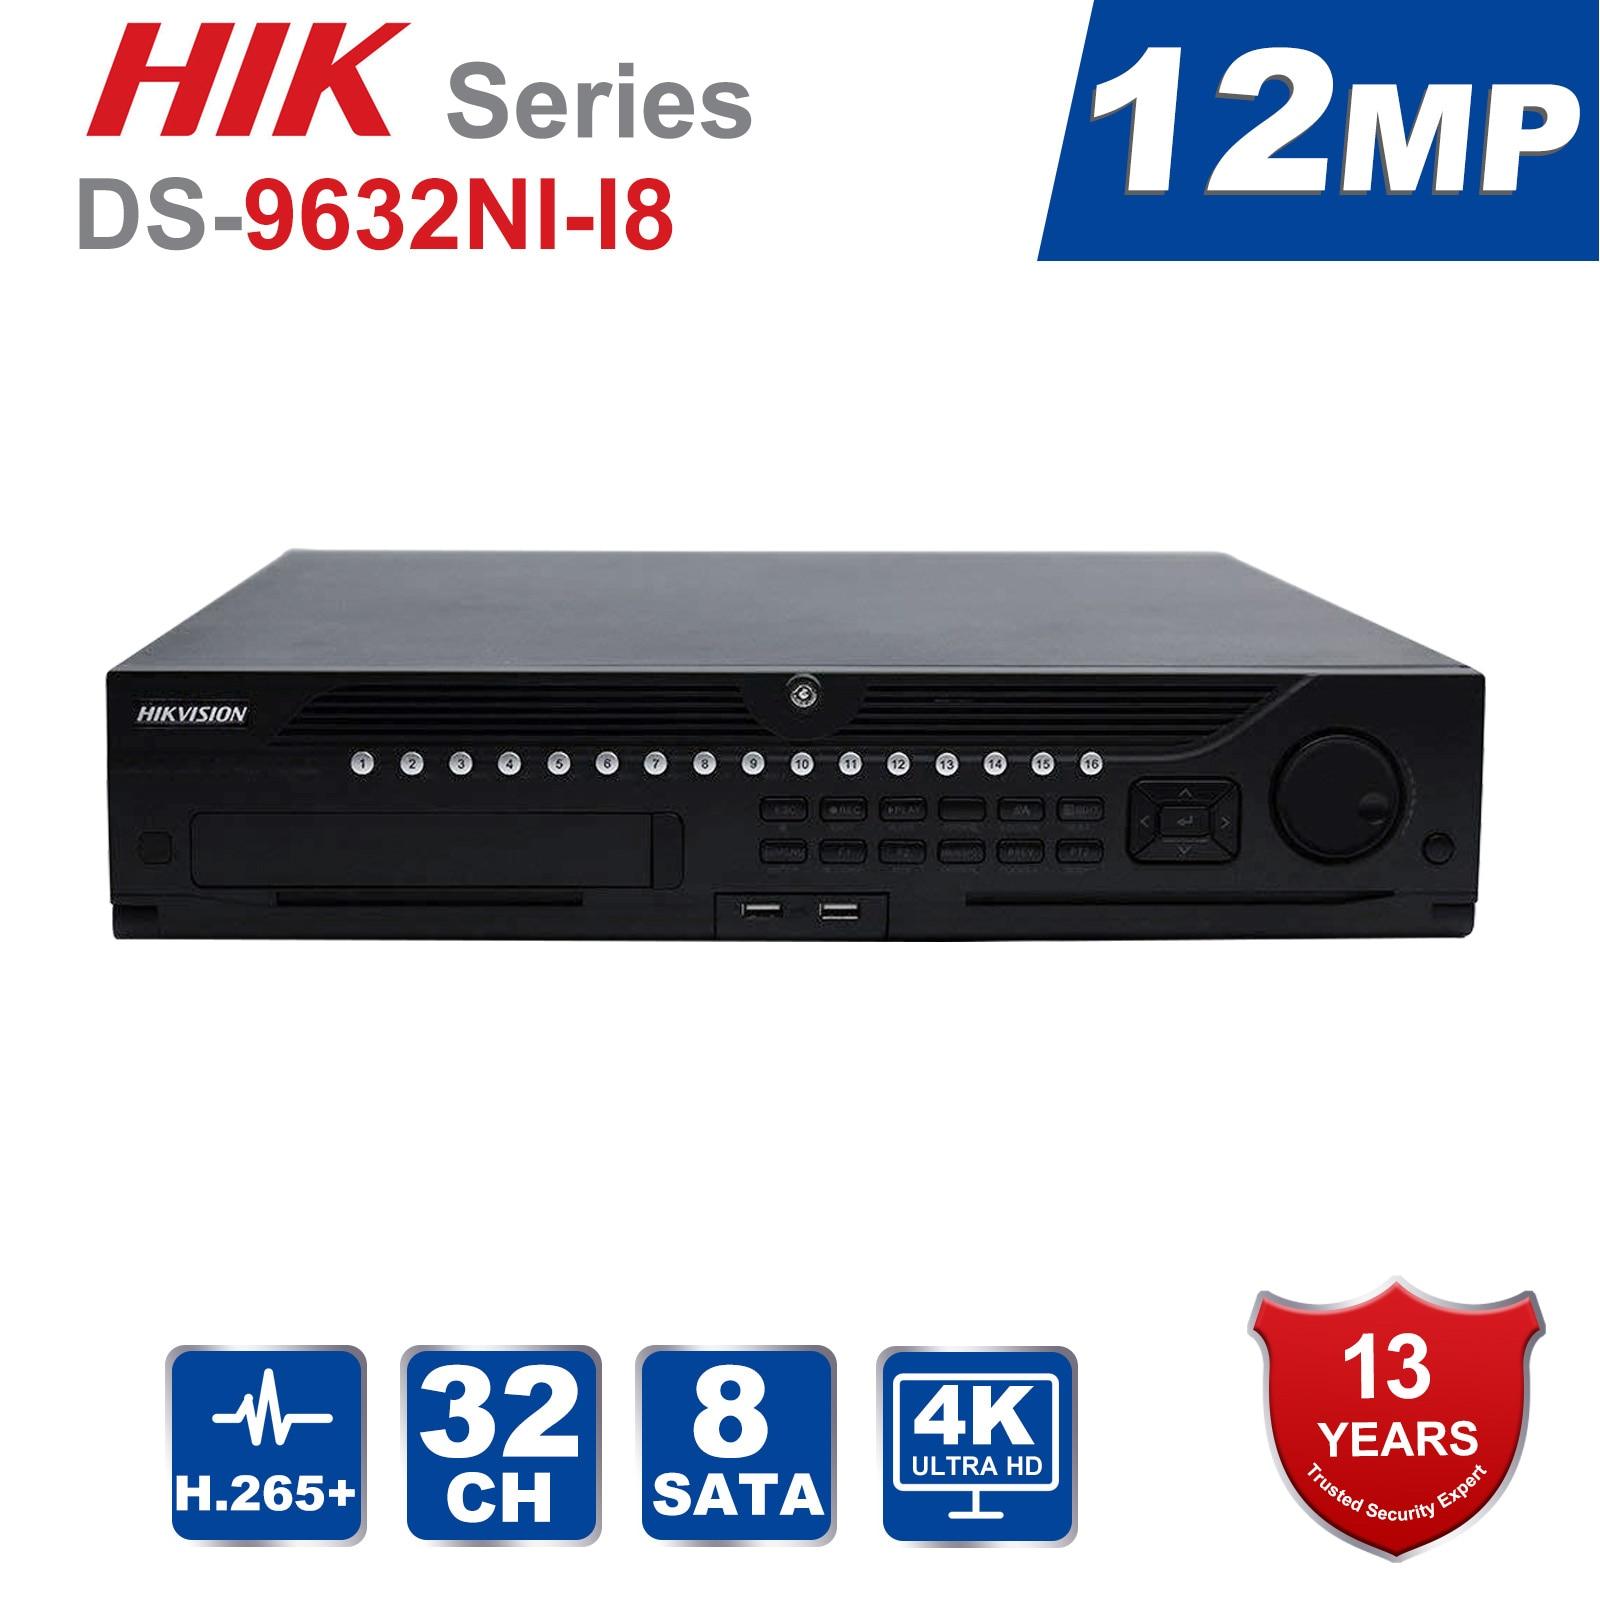 Sistema de CFTV Canal DS-9632NI-I8 32 Hik Original Profissional Incorporado 4 K 32 CH NVR até Megapixels Resolução 12 8 SATA 2 HDMI